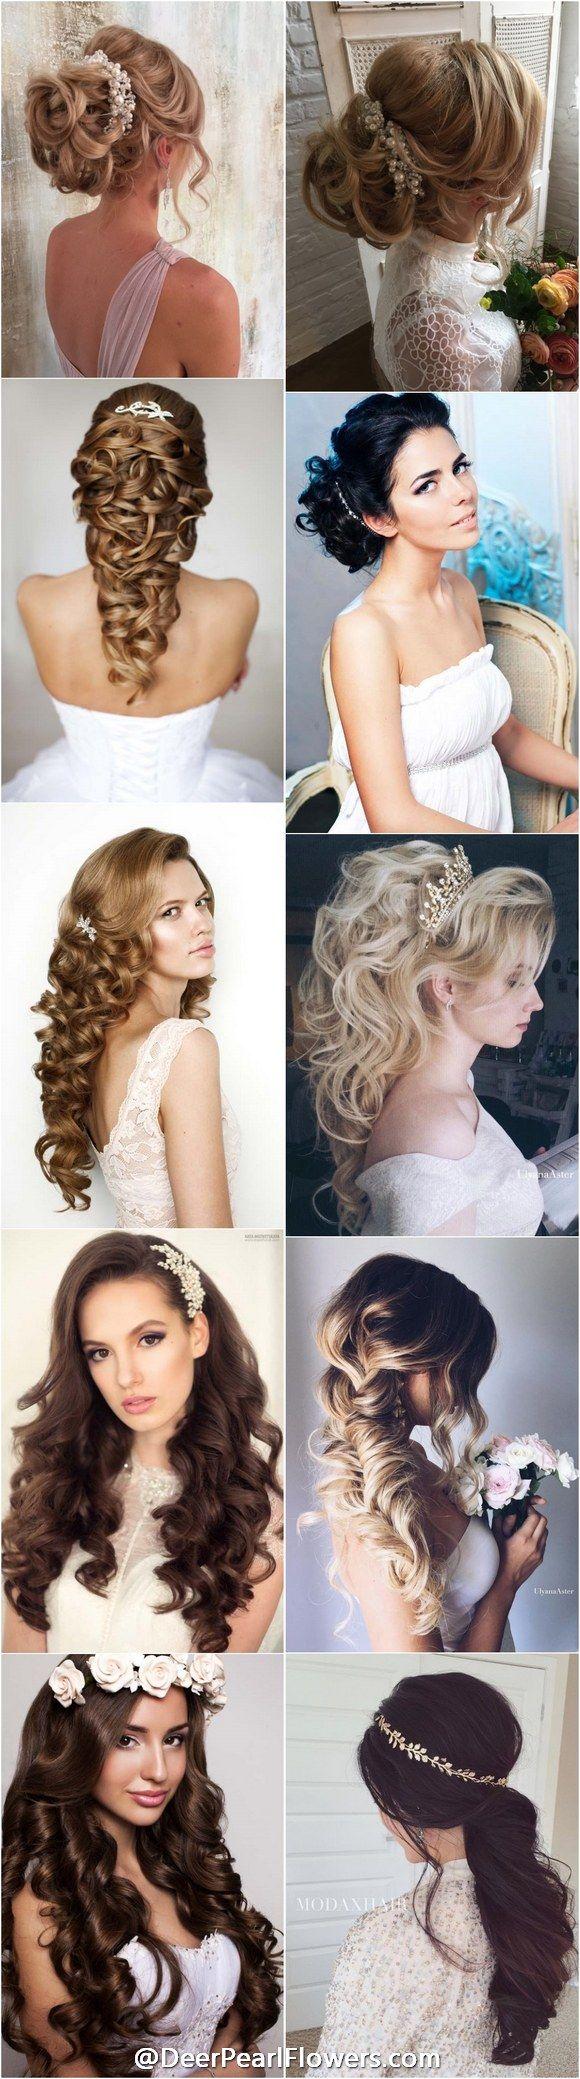 1000+ Wedding Hairstyles for Long Hair | http://www.deerpearlflowers.com/wedding-hairstyles/